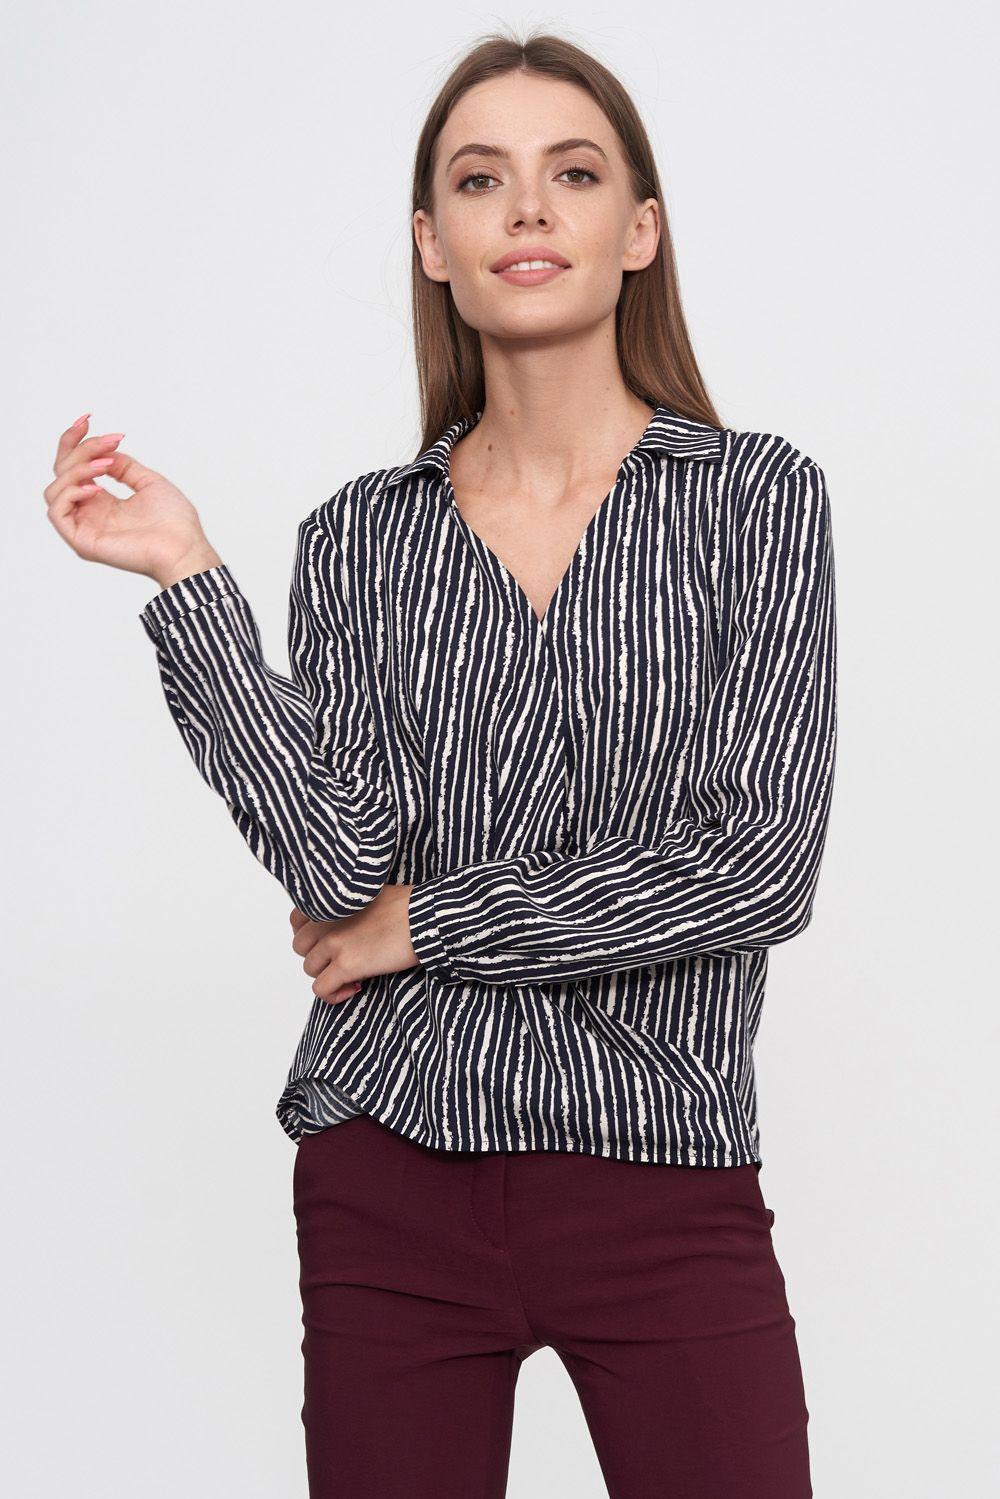 Блуза женские Natali Bolgar модель 19039VIS44 цена, 2017